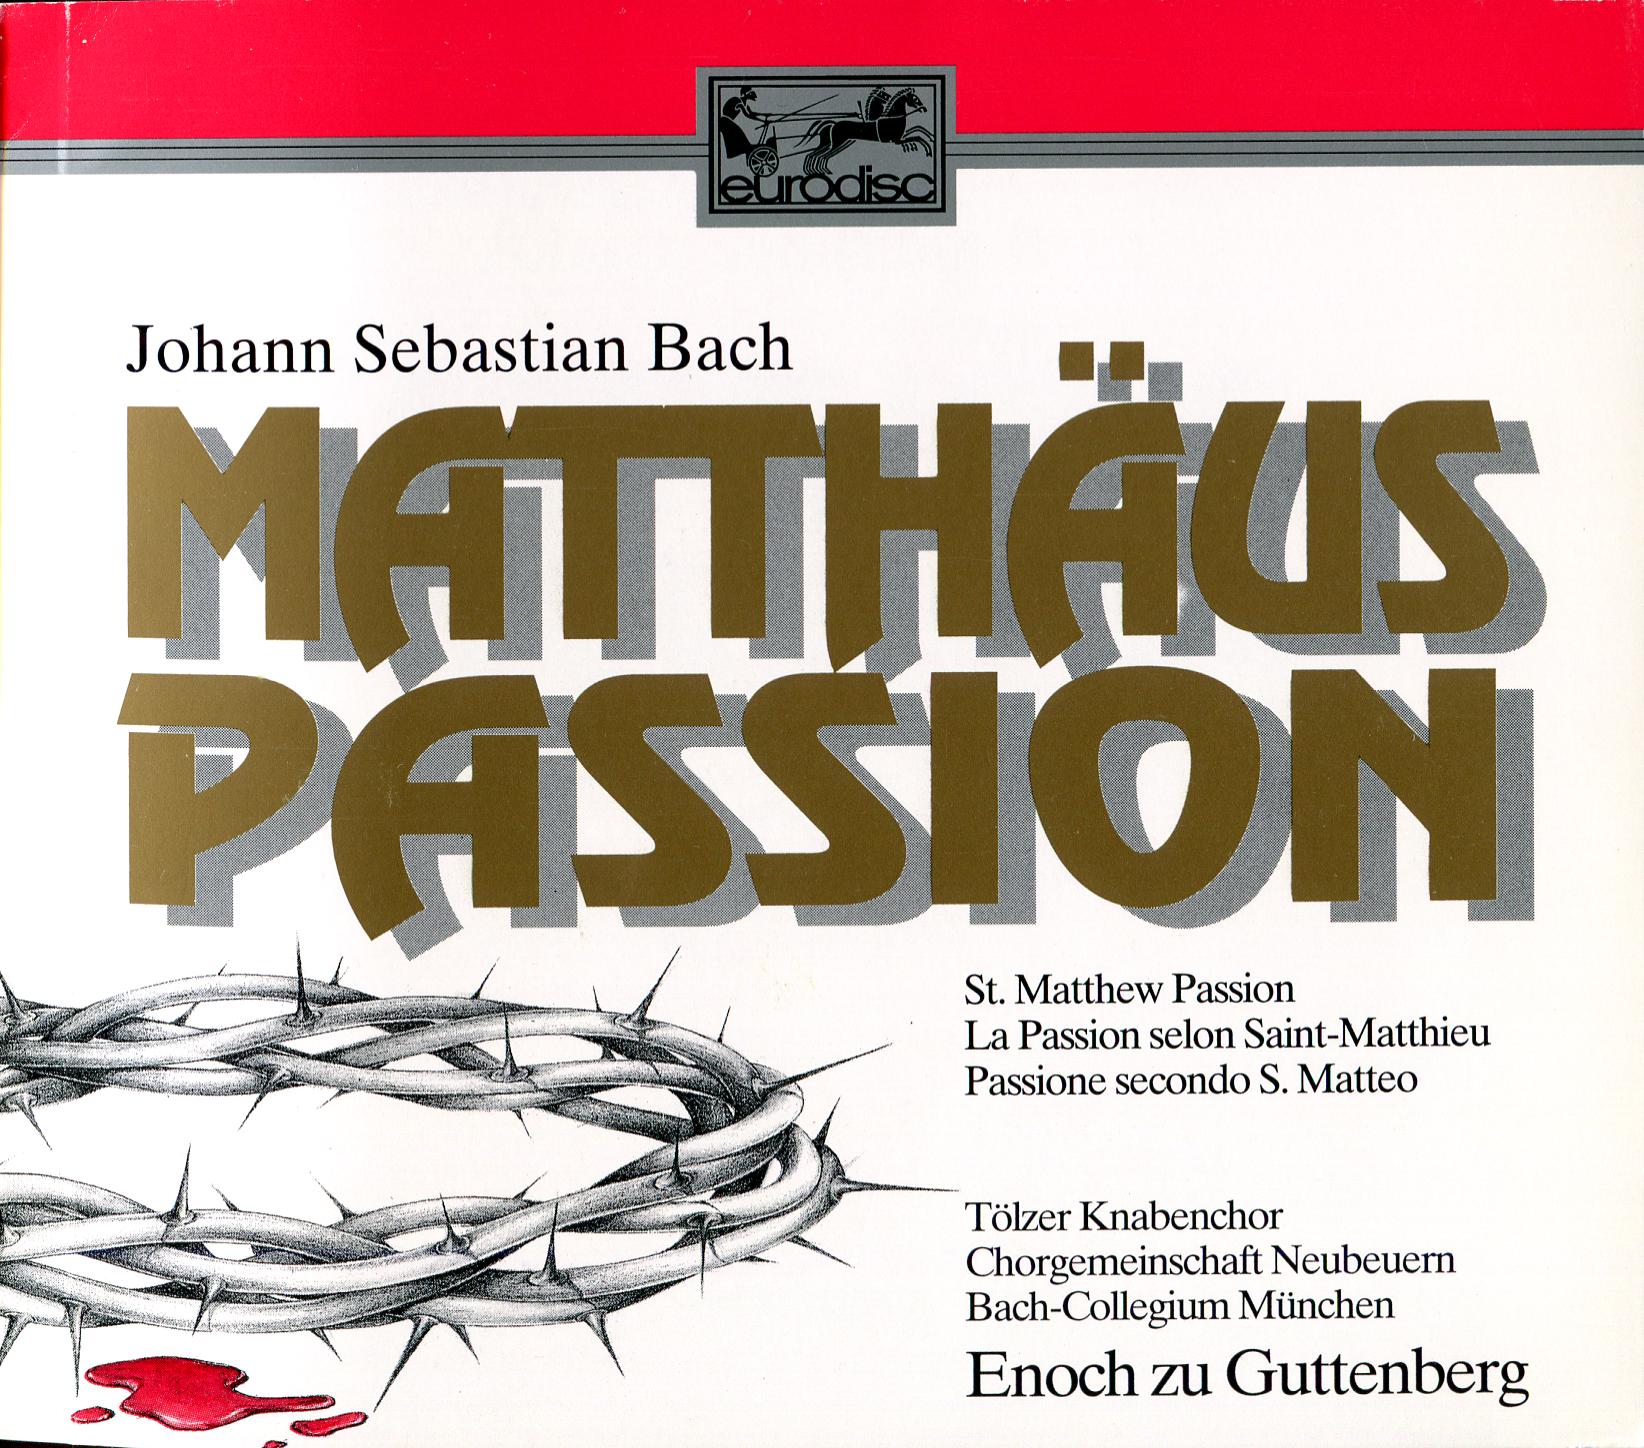 Bach - Matthew - Guttenberg